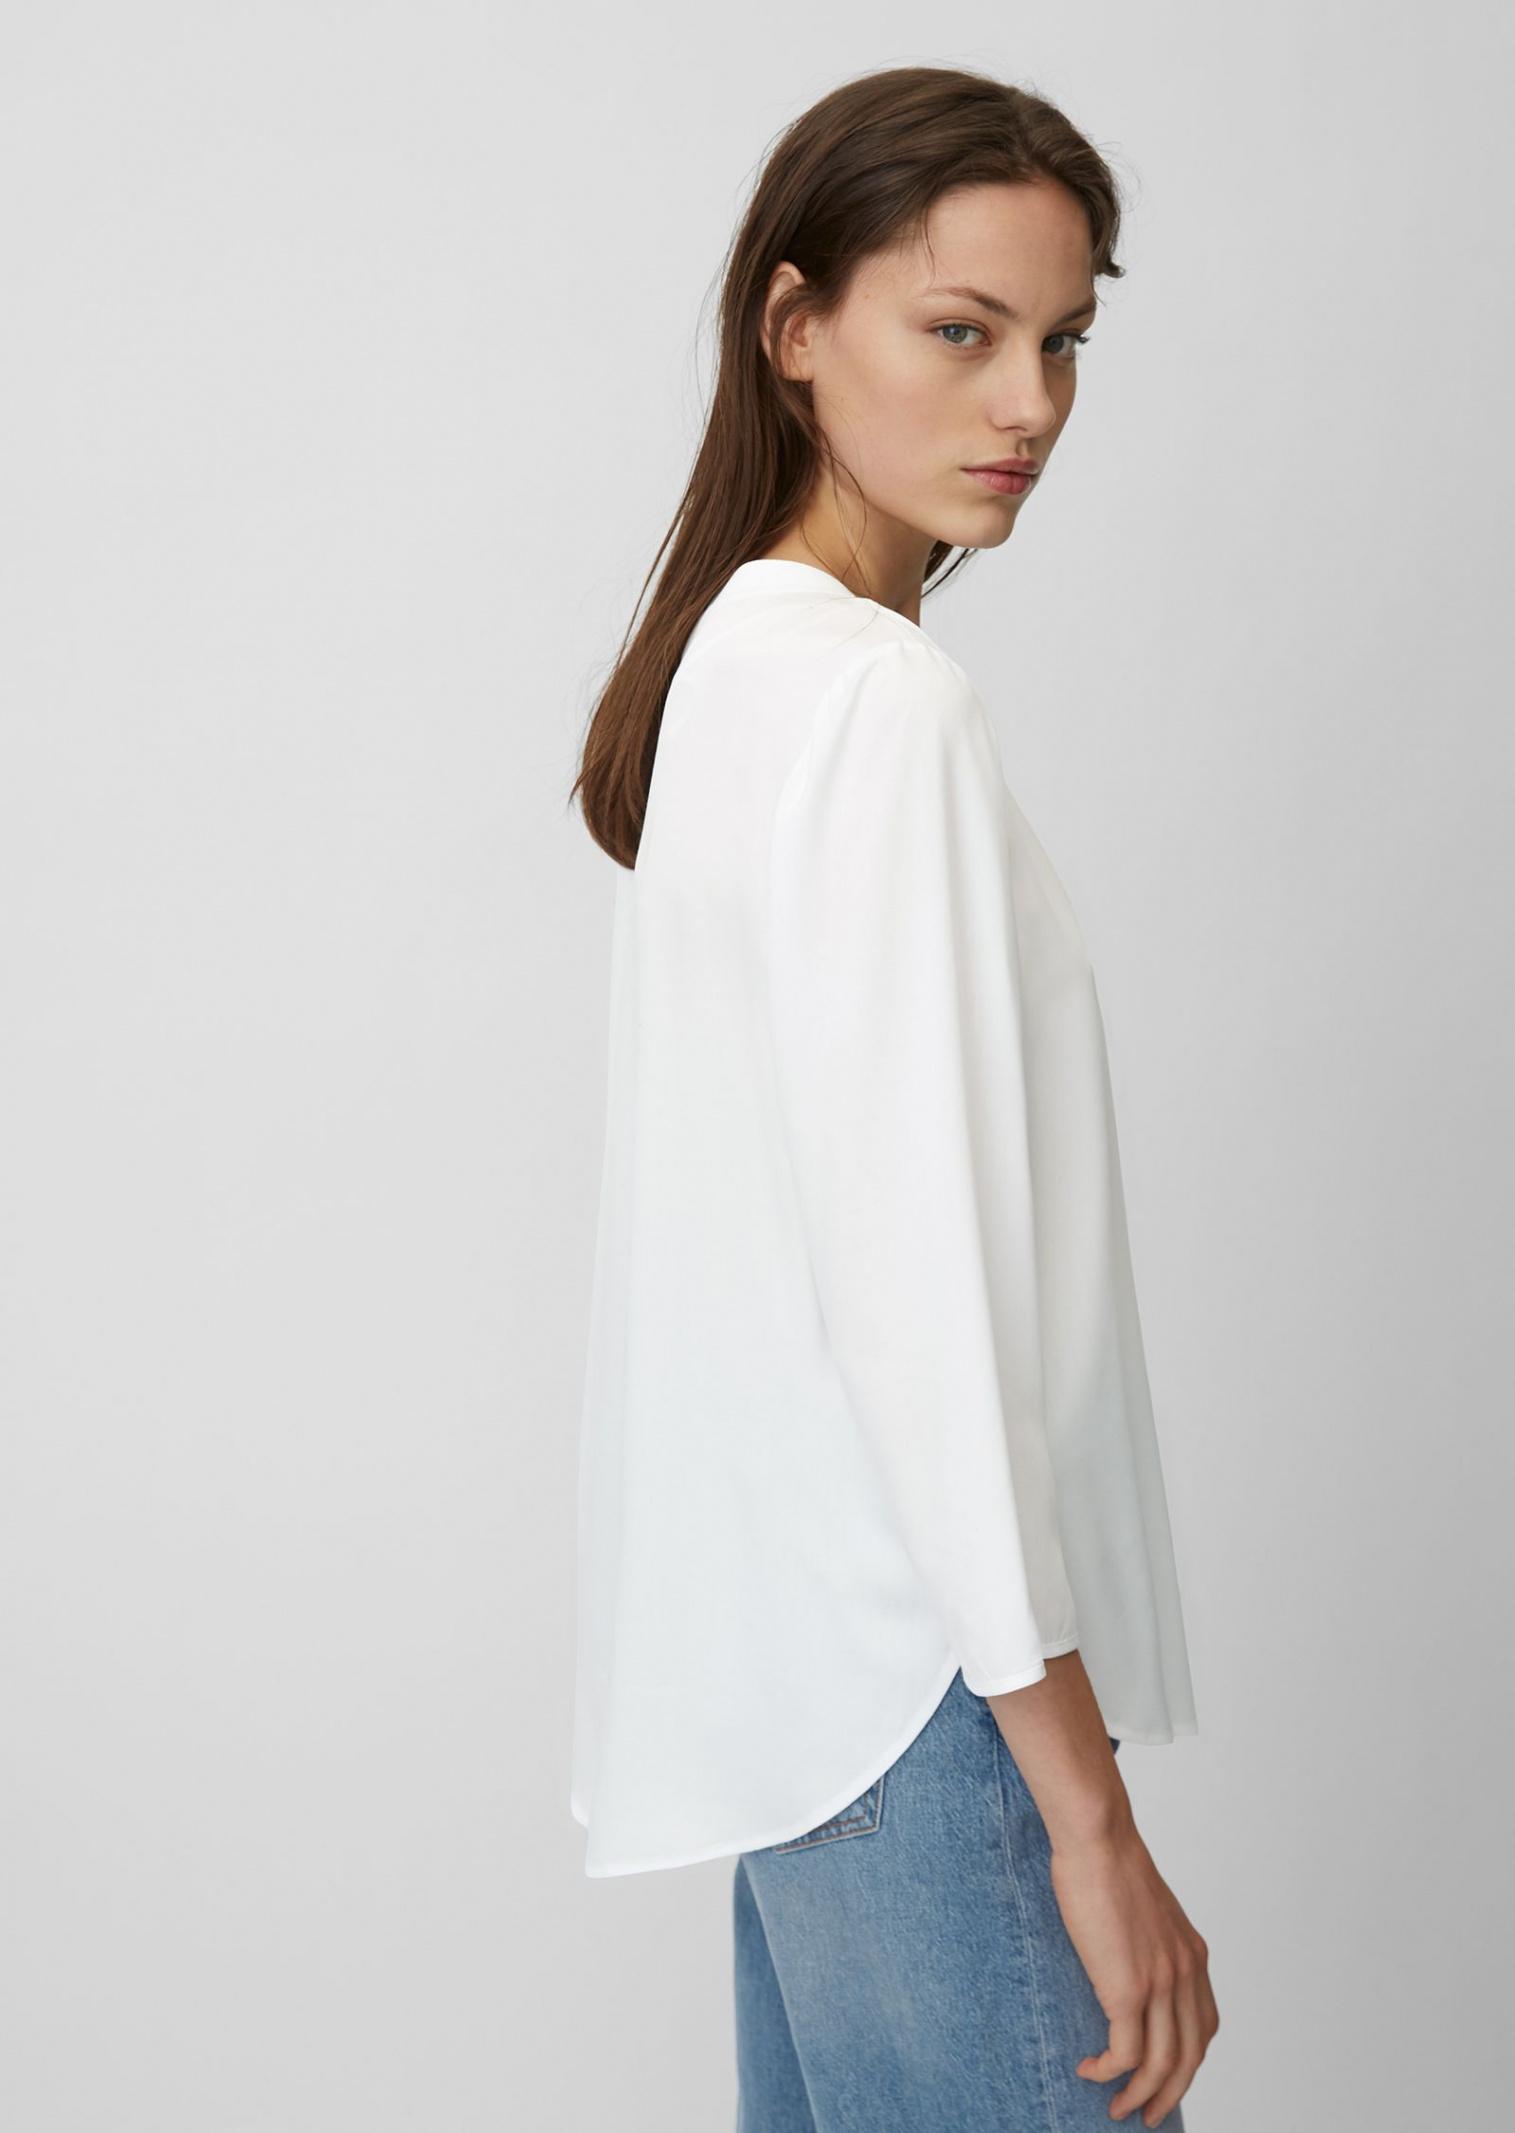 Блуза женские MARC O'POLO модель PF3982 , 2017